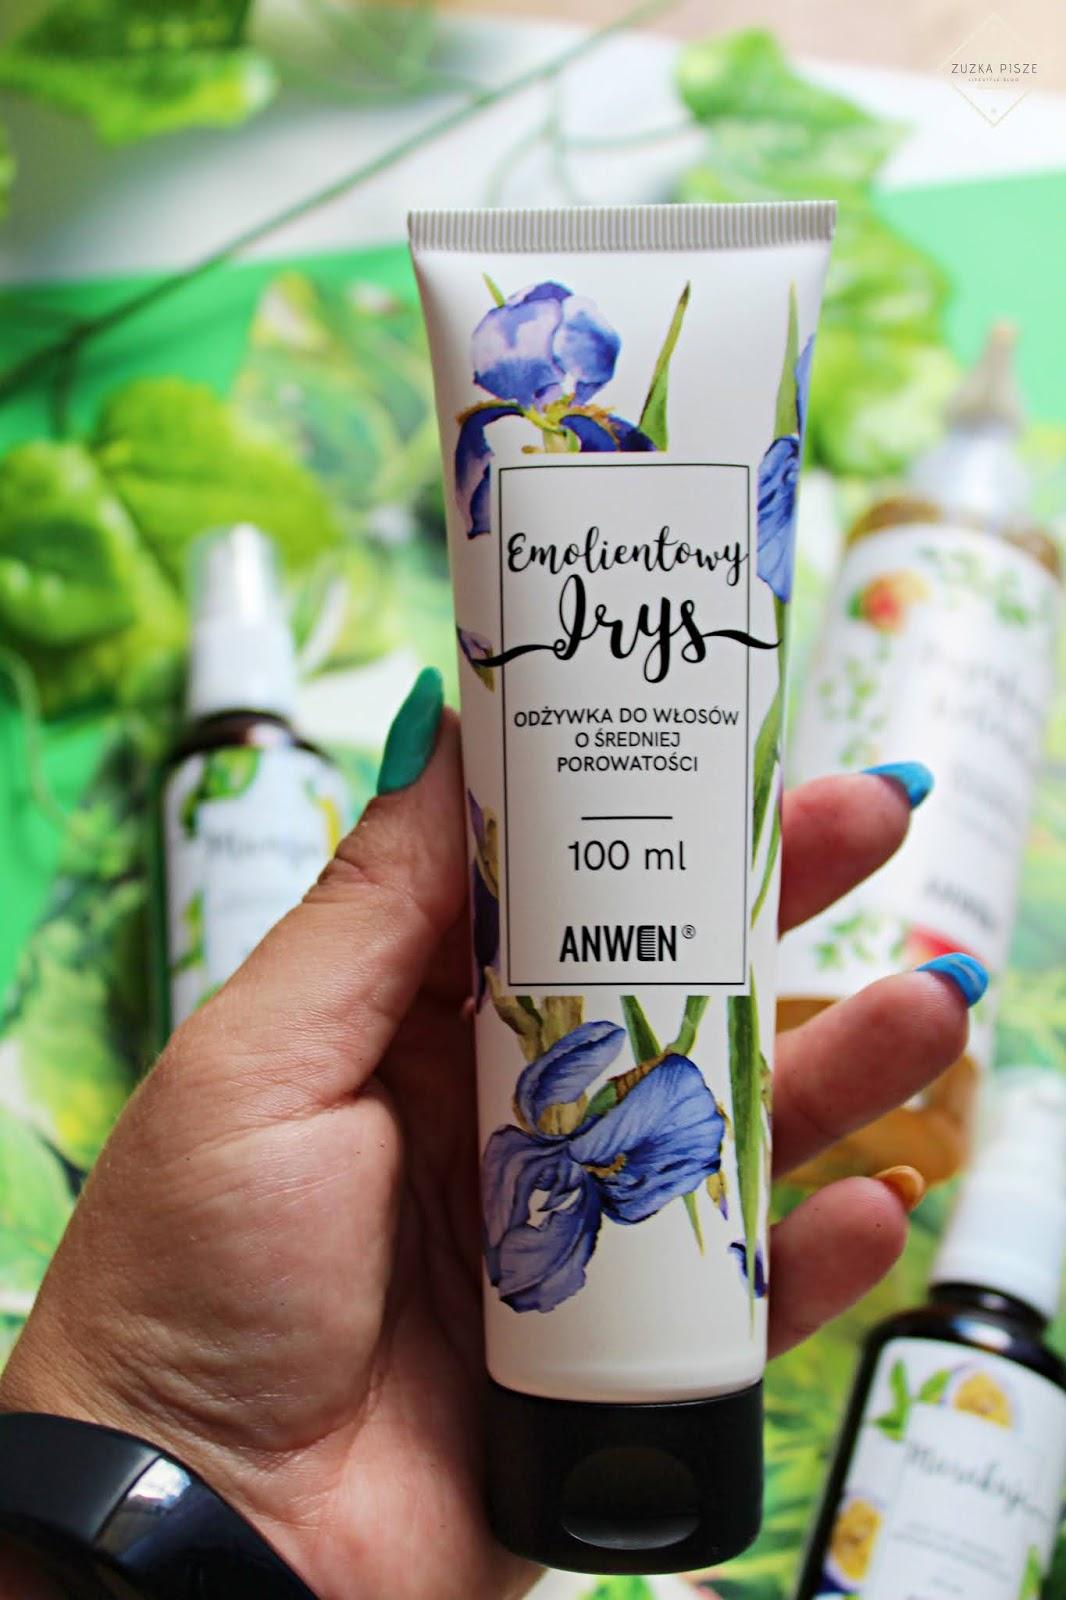 Anwen, odżywka do włosów średnioporowatych, Emolientowy Irys